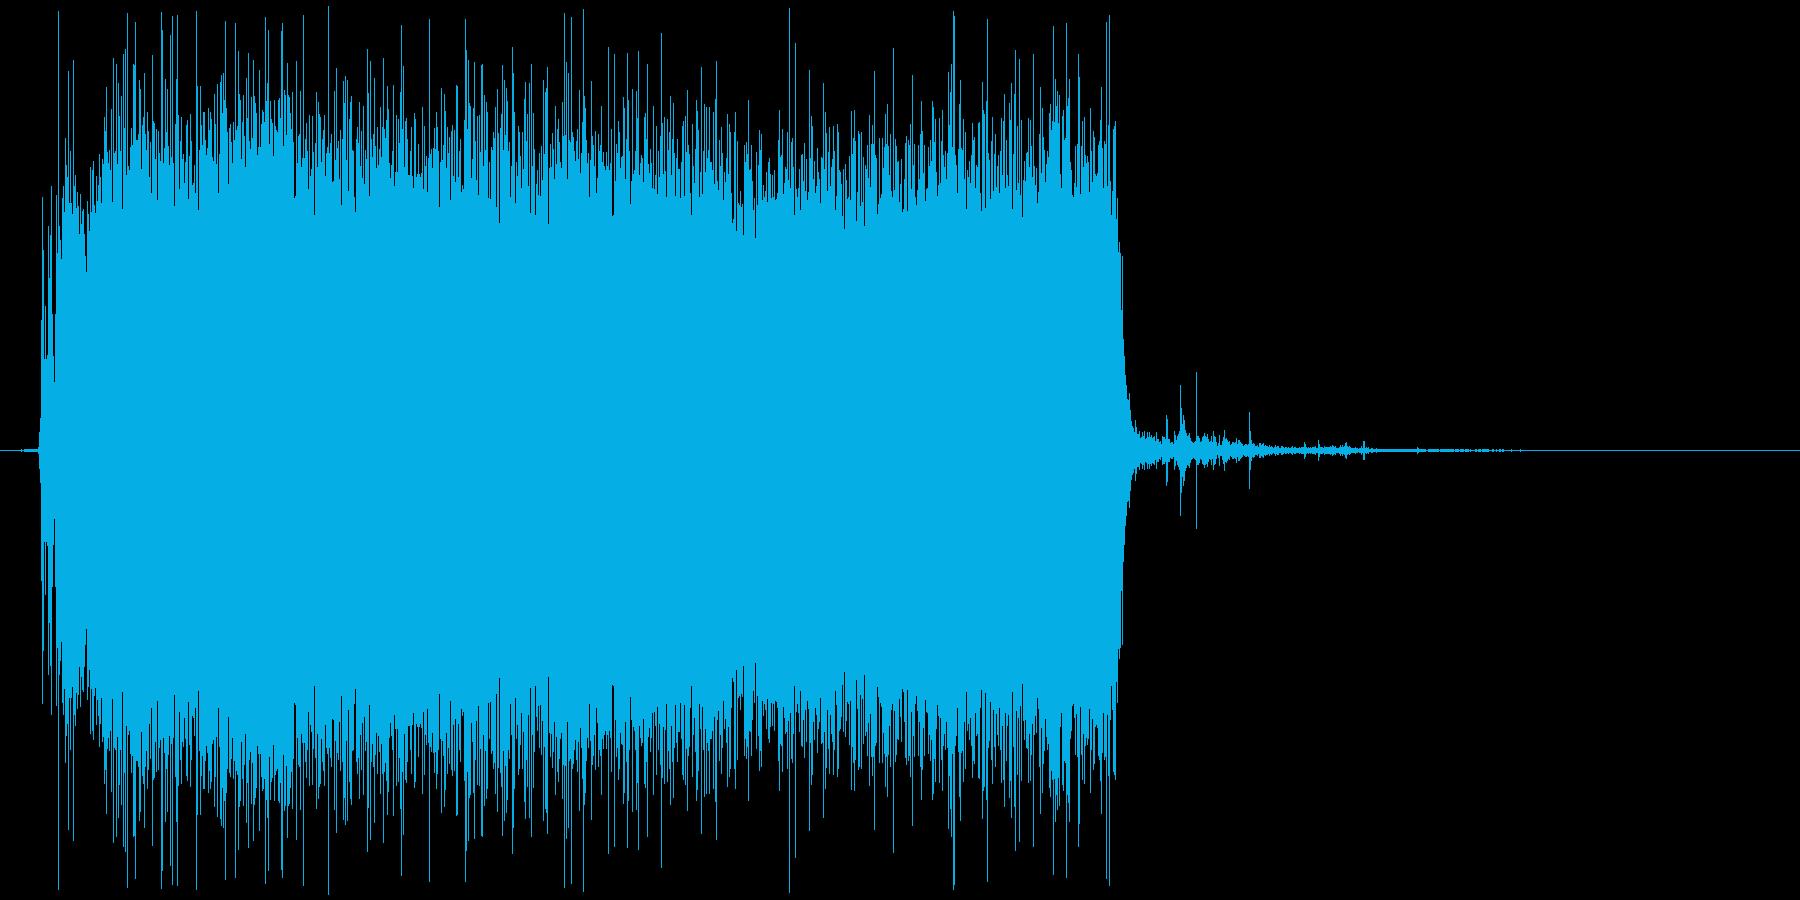 シャワーを出す音(ジャーッ、シャーッ)の再生済みの波形